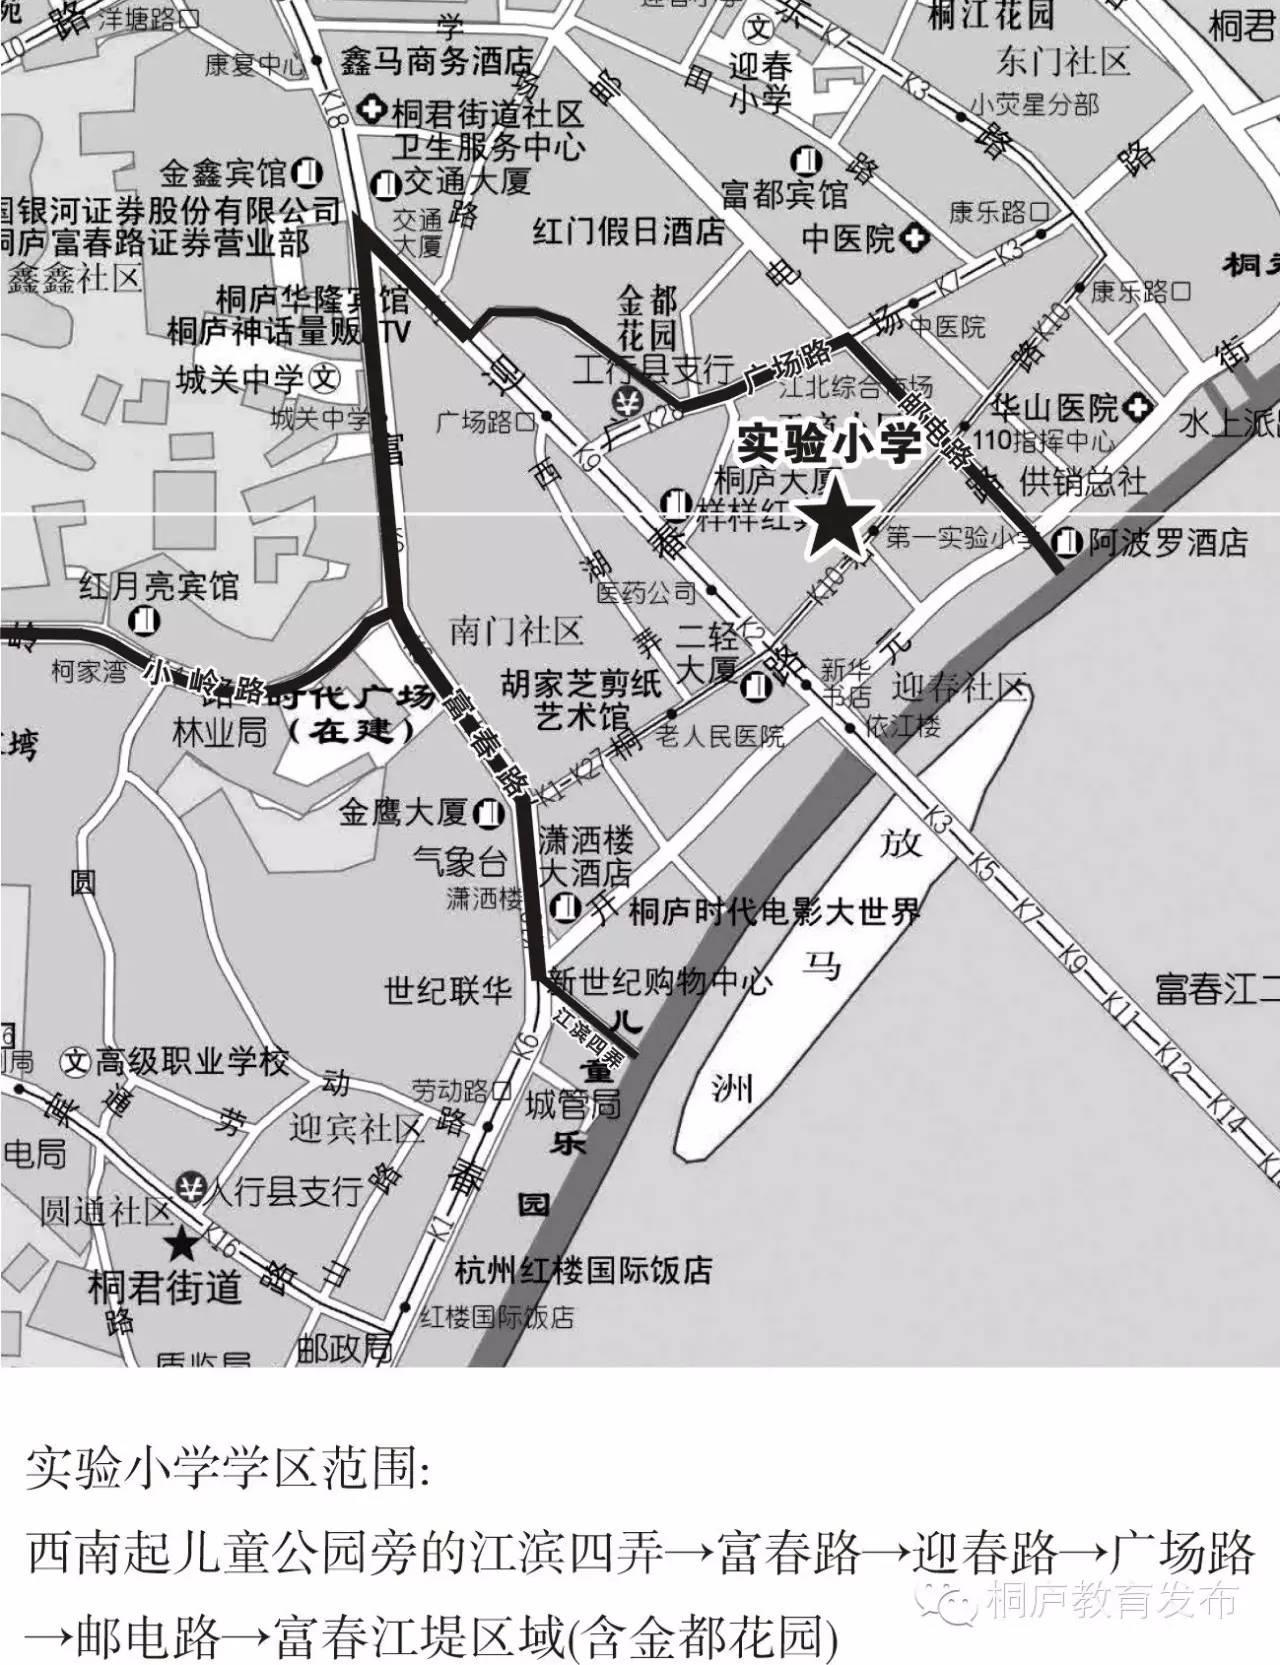 2017桐庐县学区划分出炉!